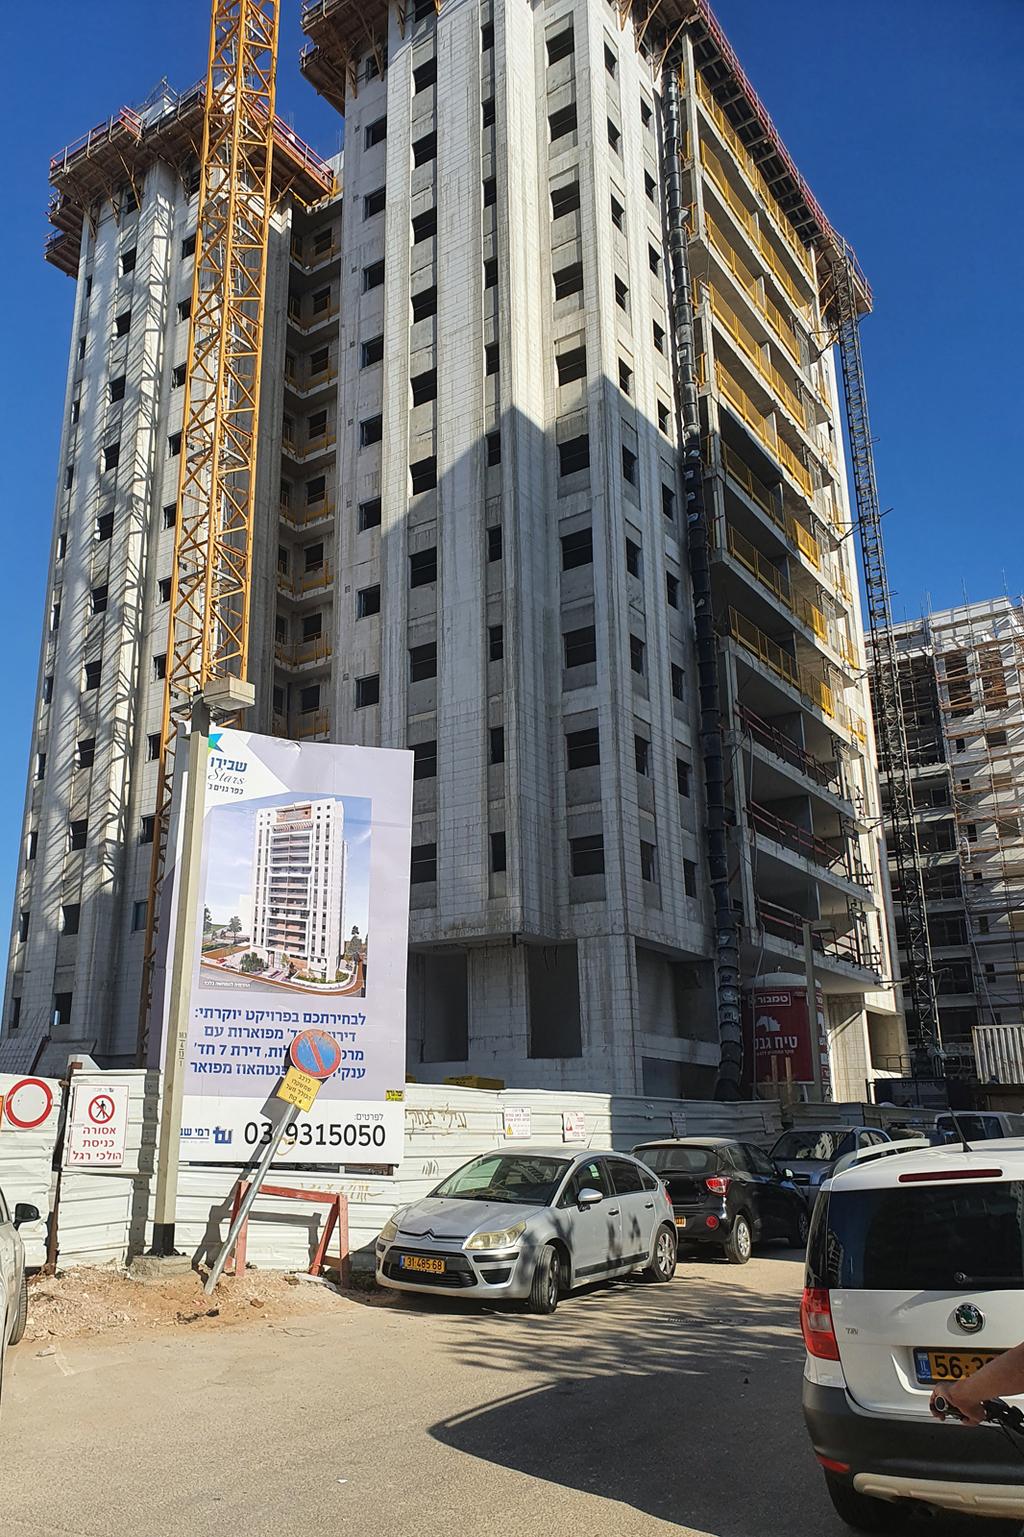 בנייה למכורים דירות חברת שבירו פתח תקווה